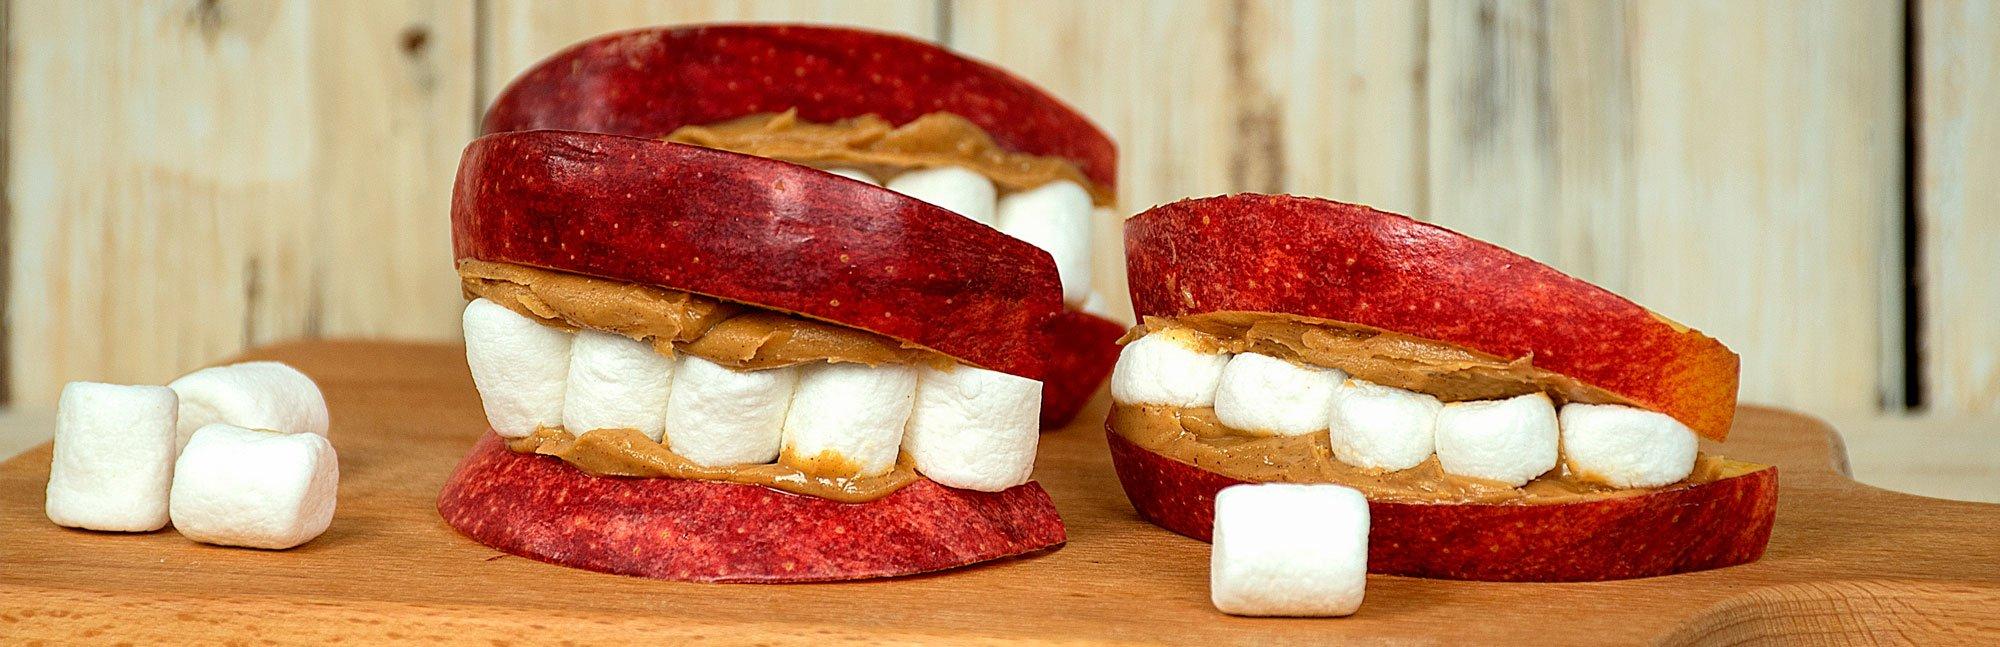 Dentaduras de Manzana